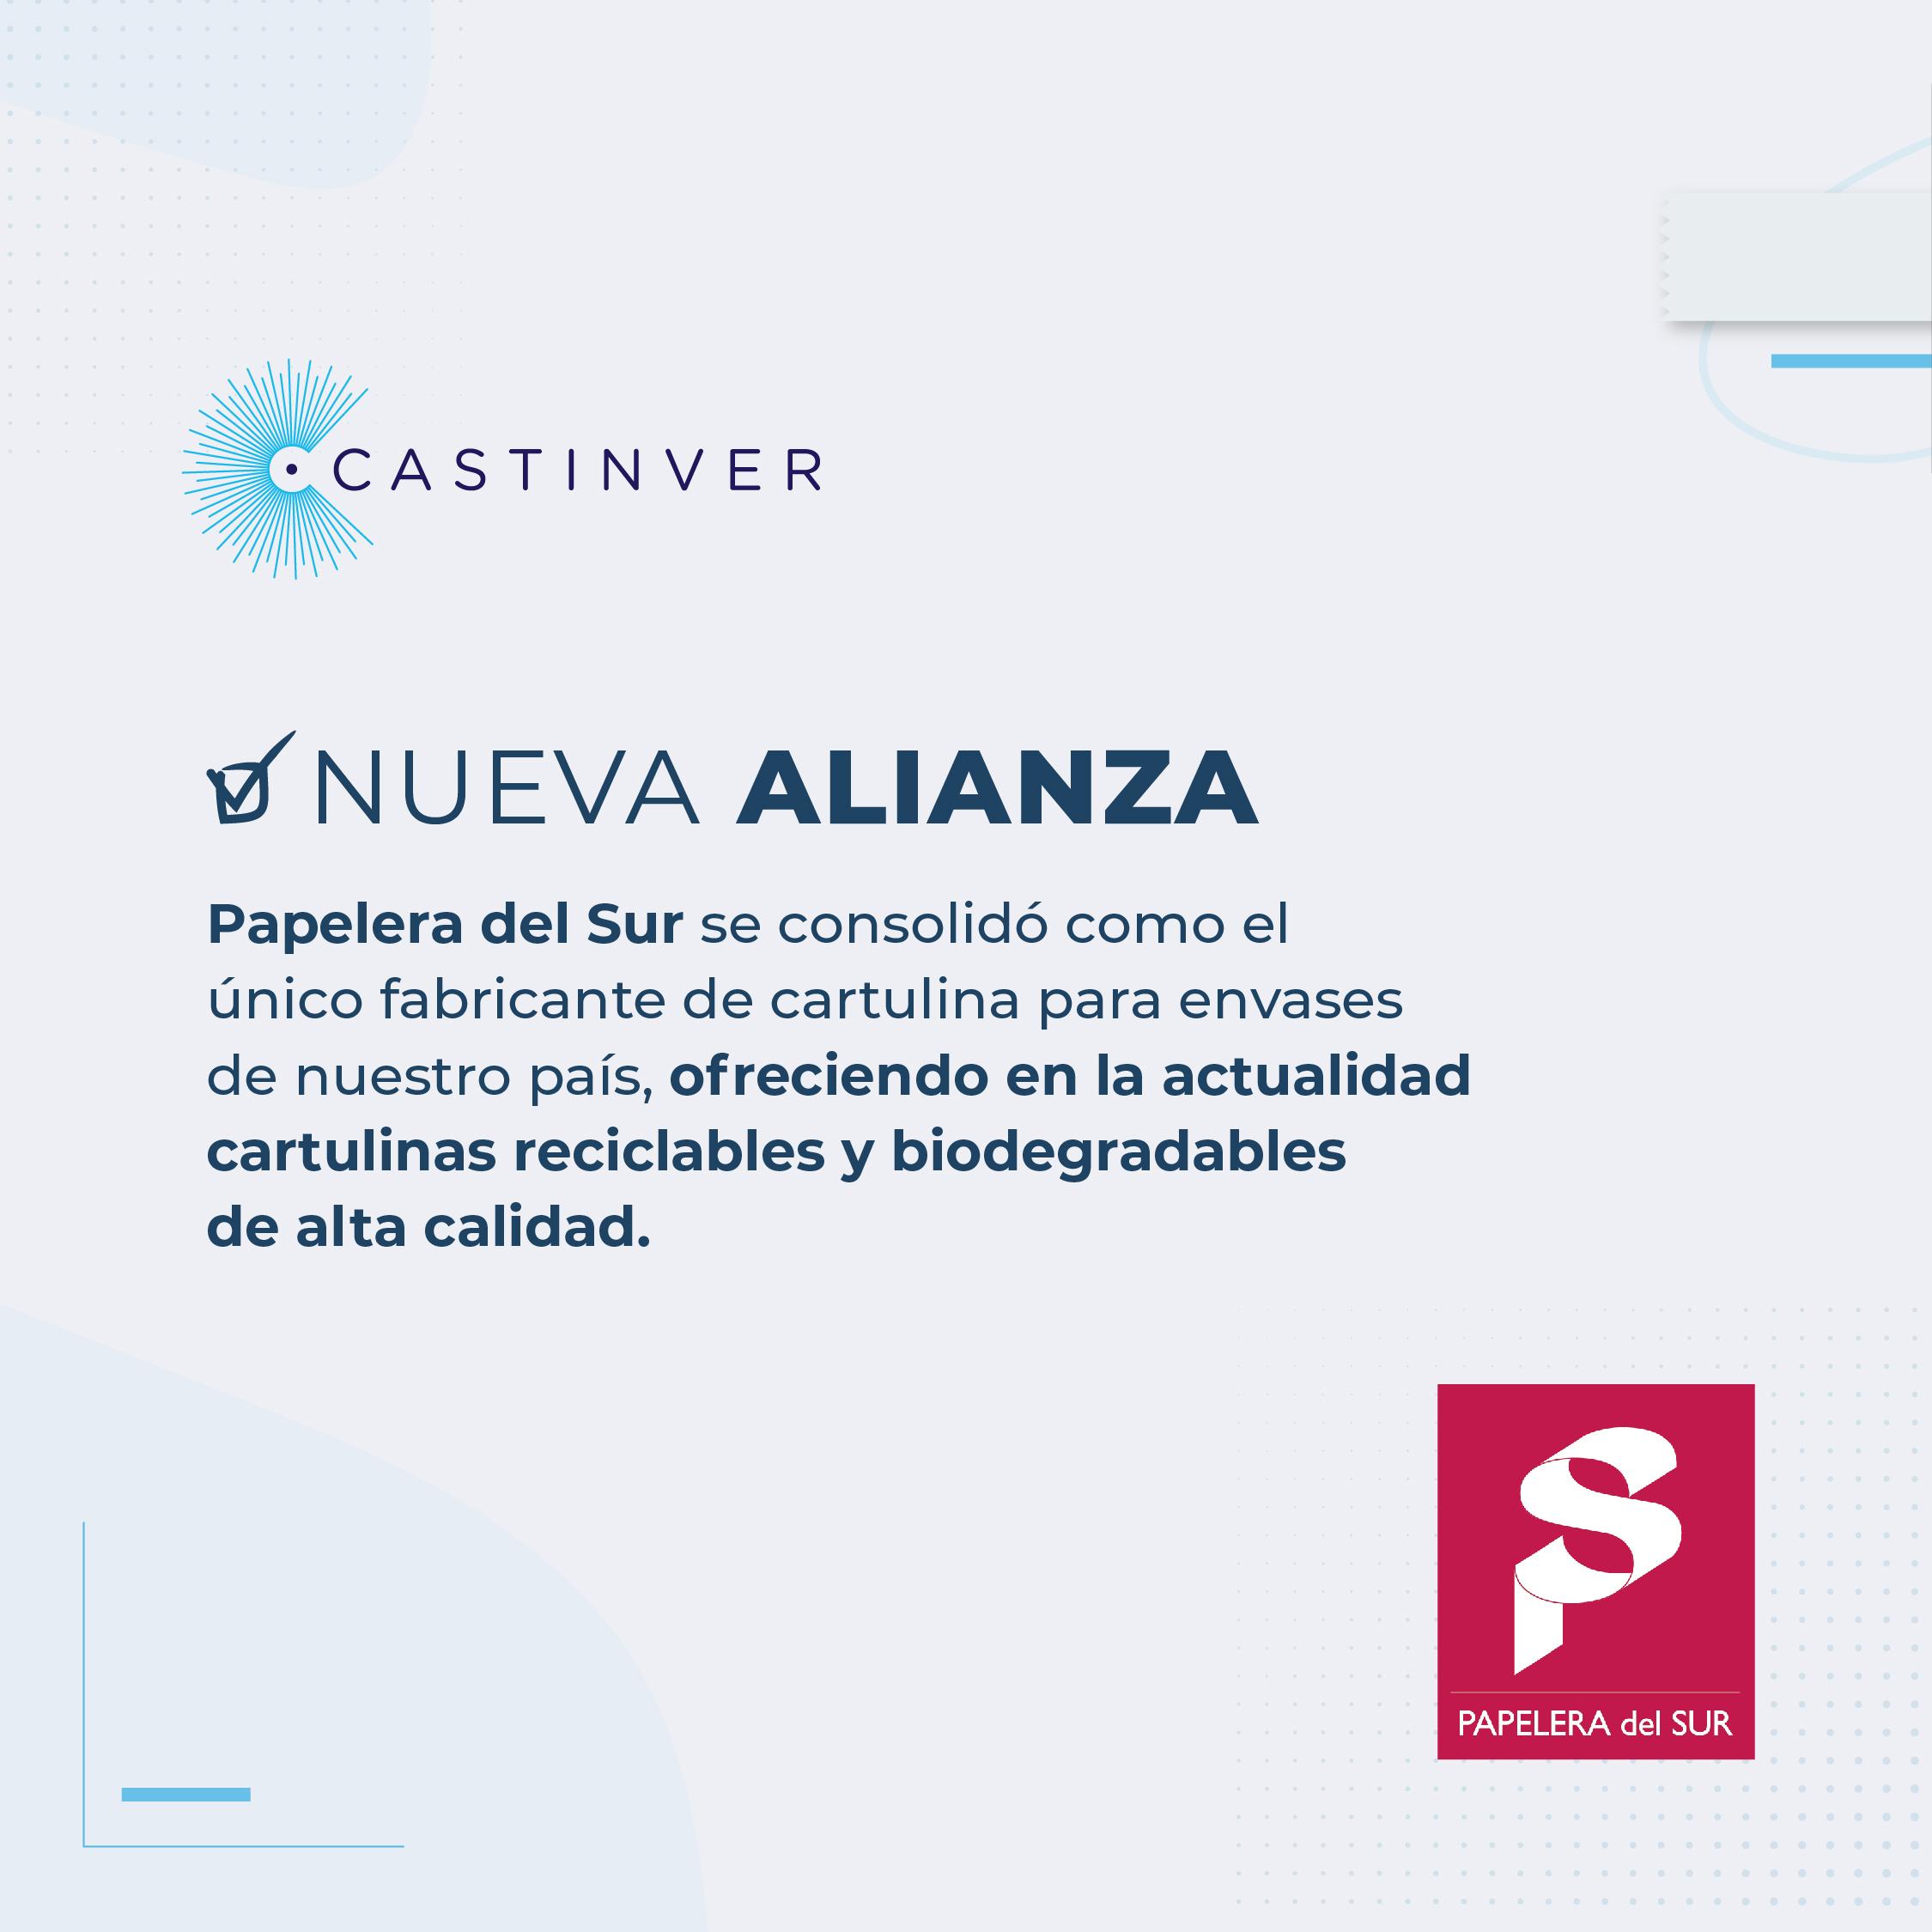 castinver_alianza_papelera